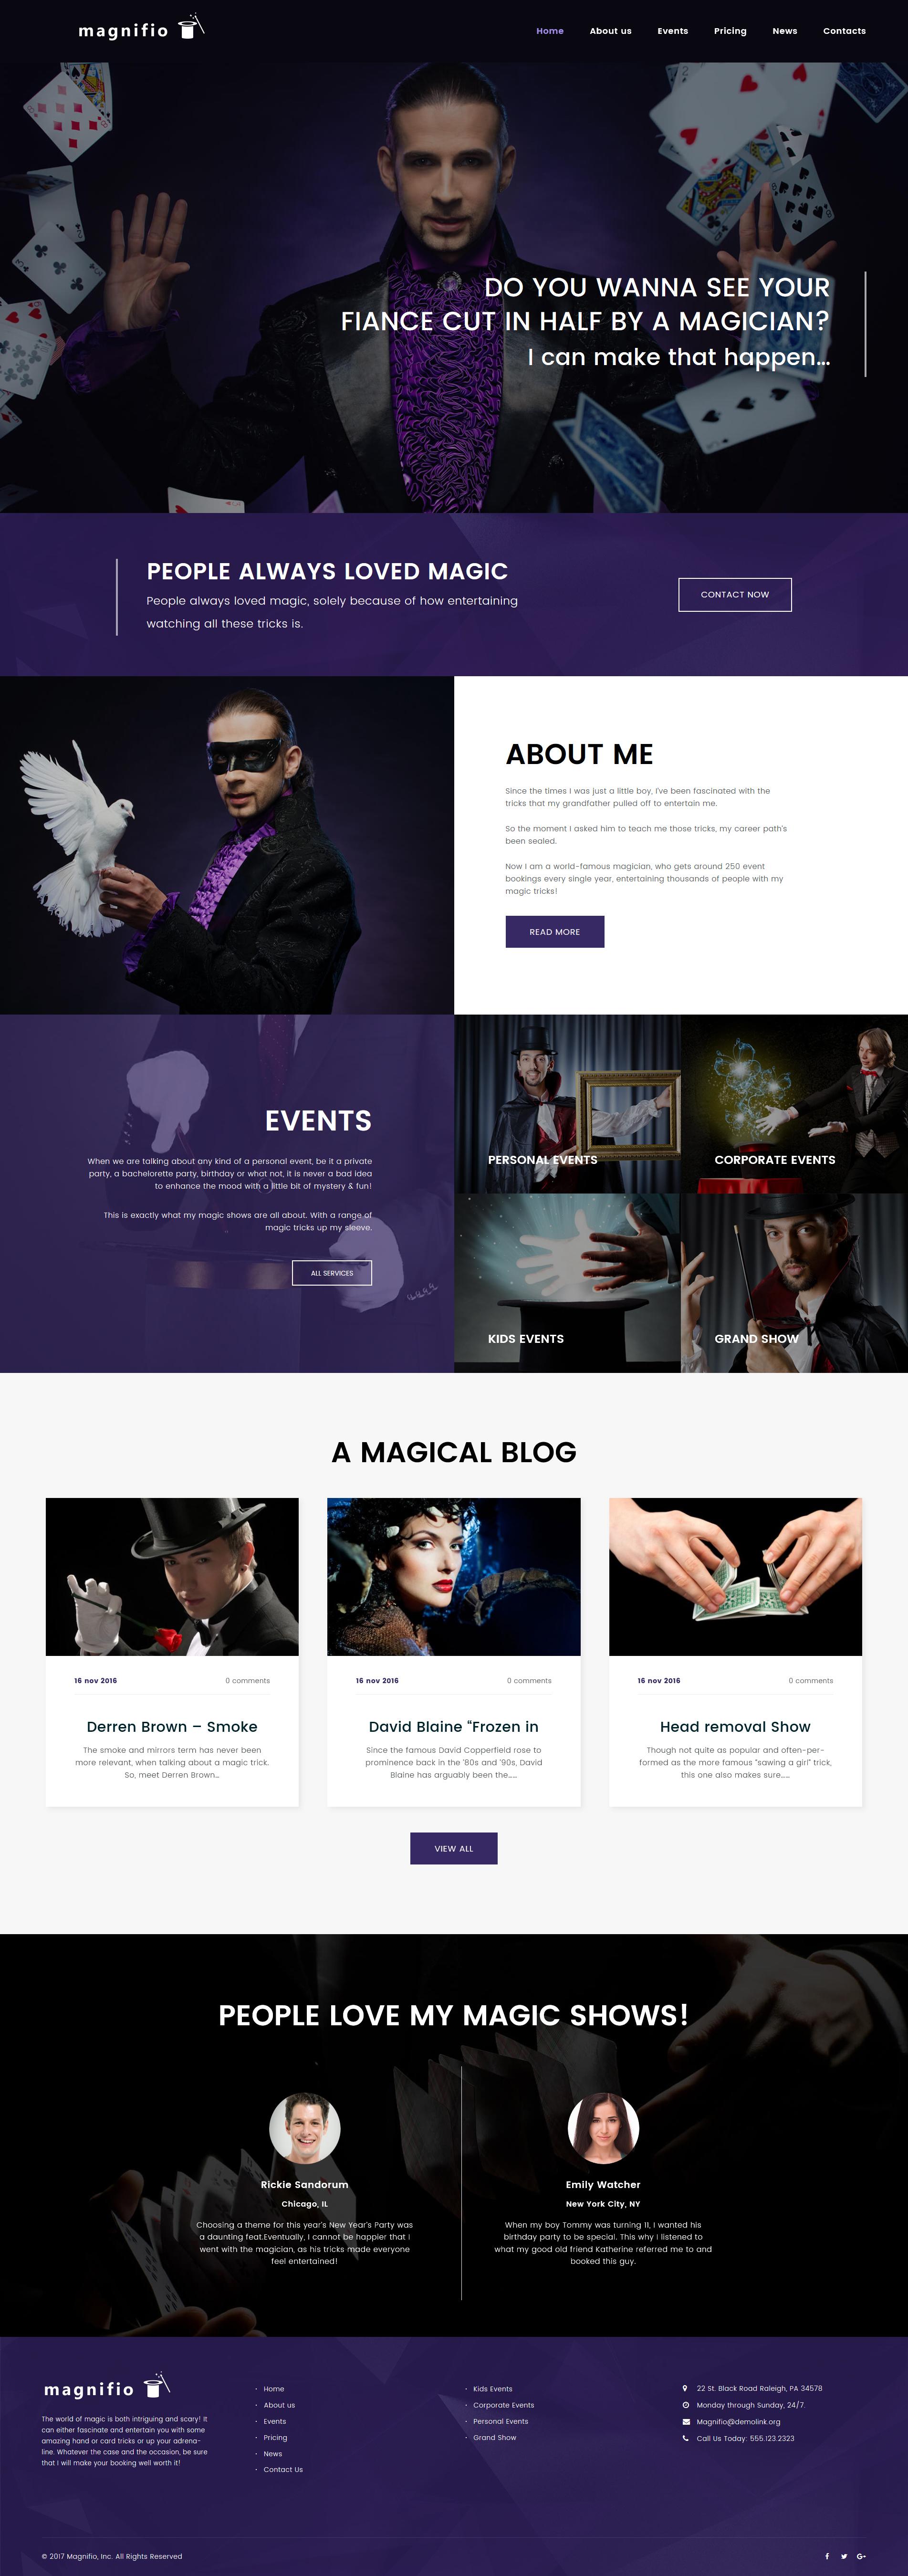 Reszponzív Magician Artist & Performer WordPress sablon 62413 - képernyőkép